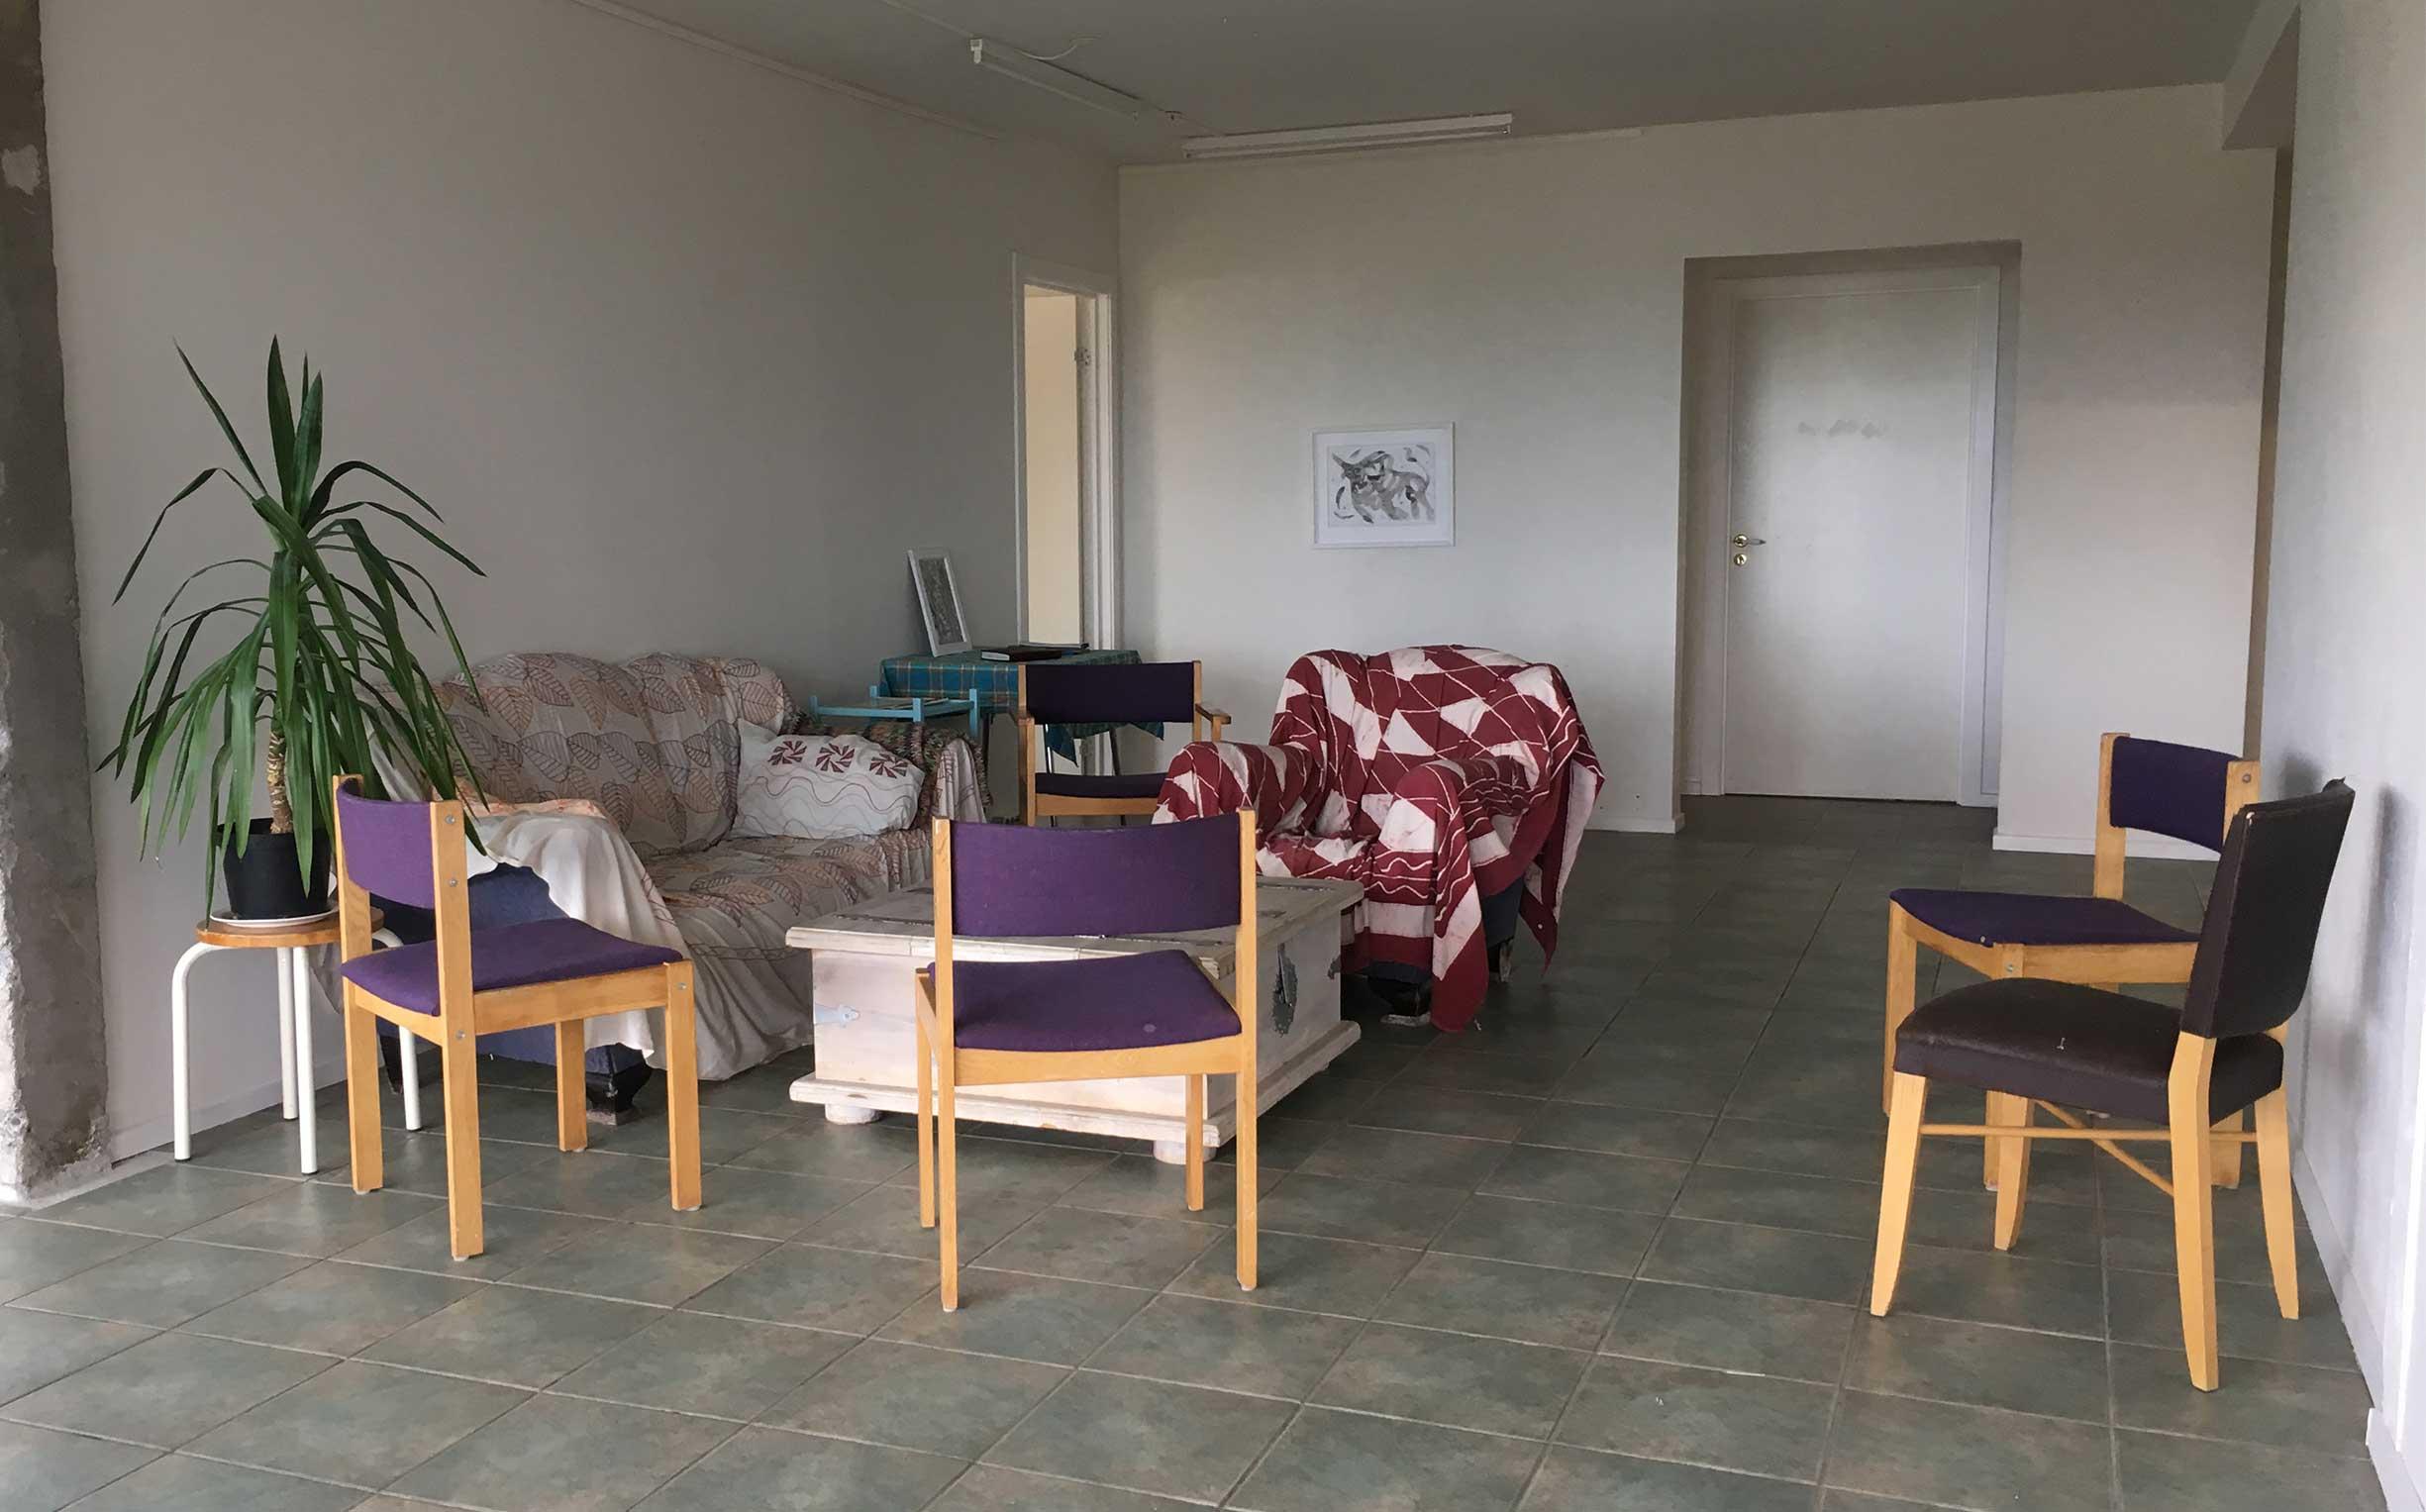 The Center - Studio/cozy corner